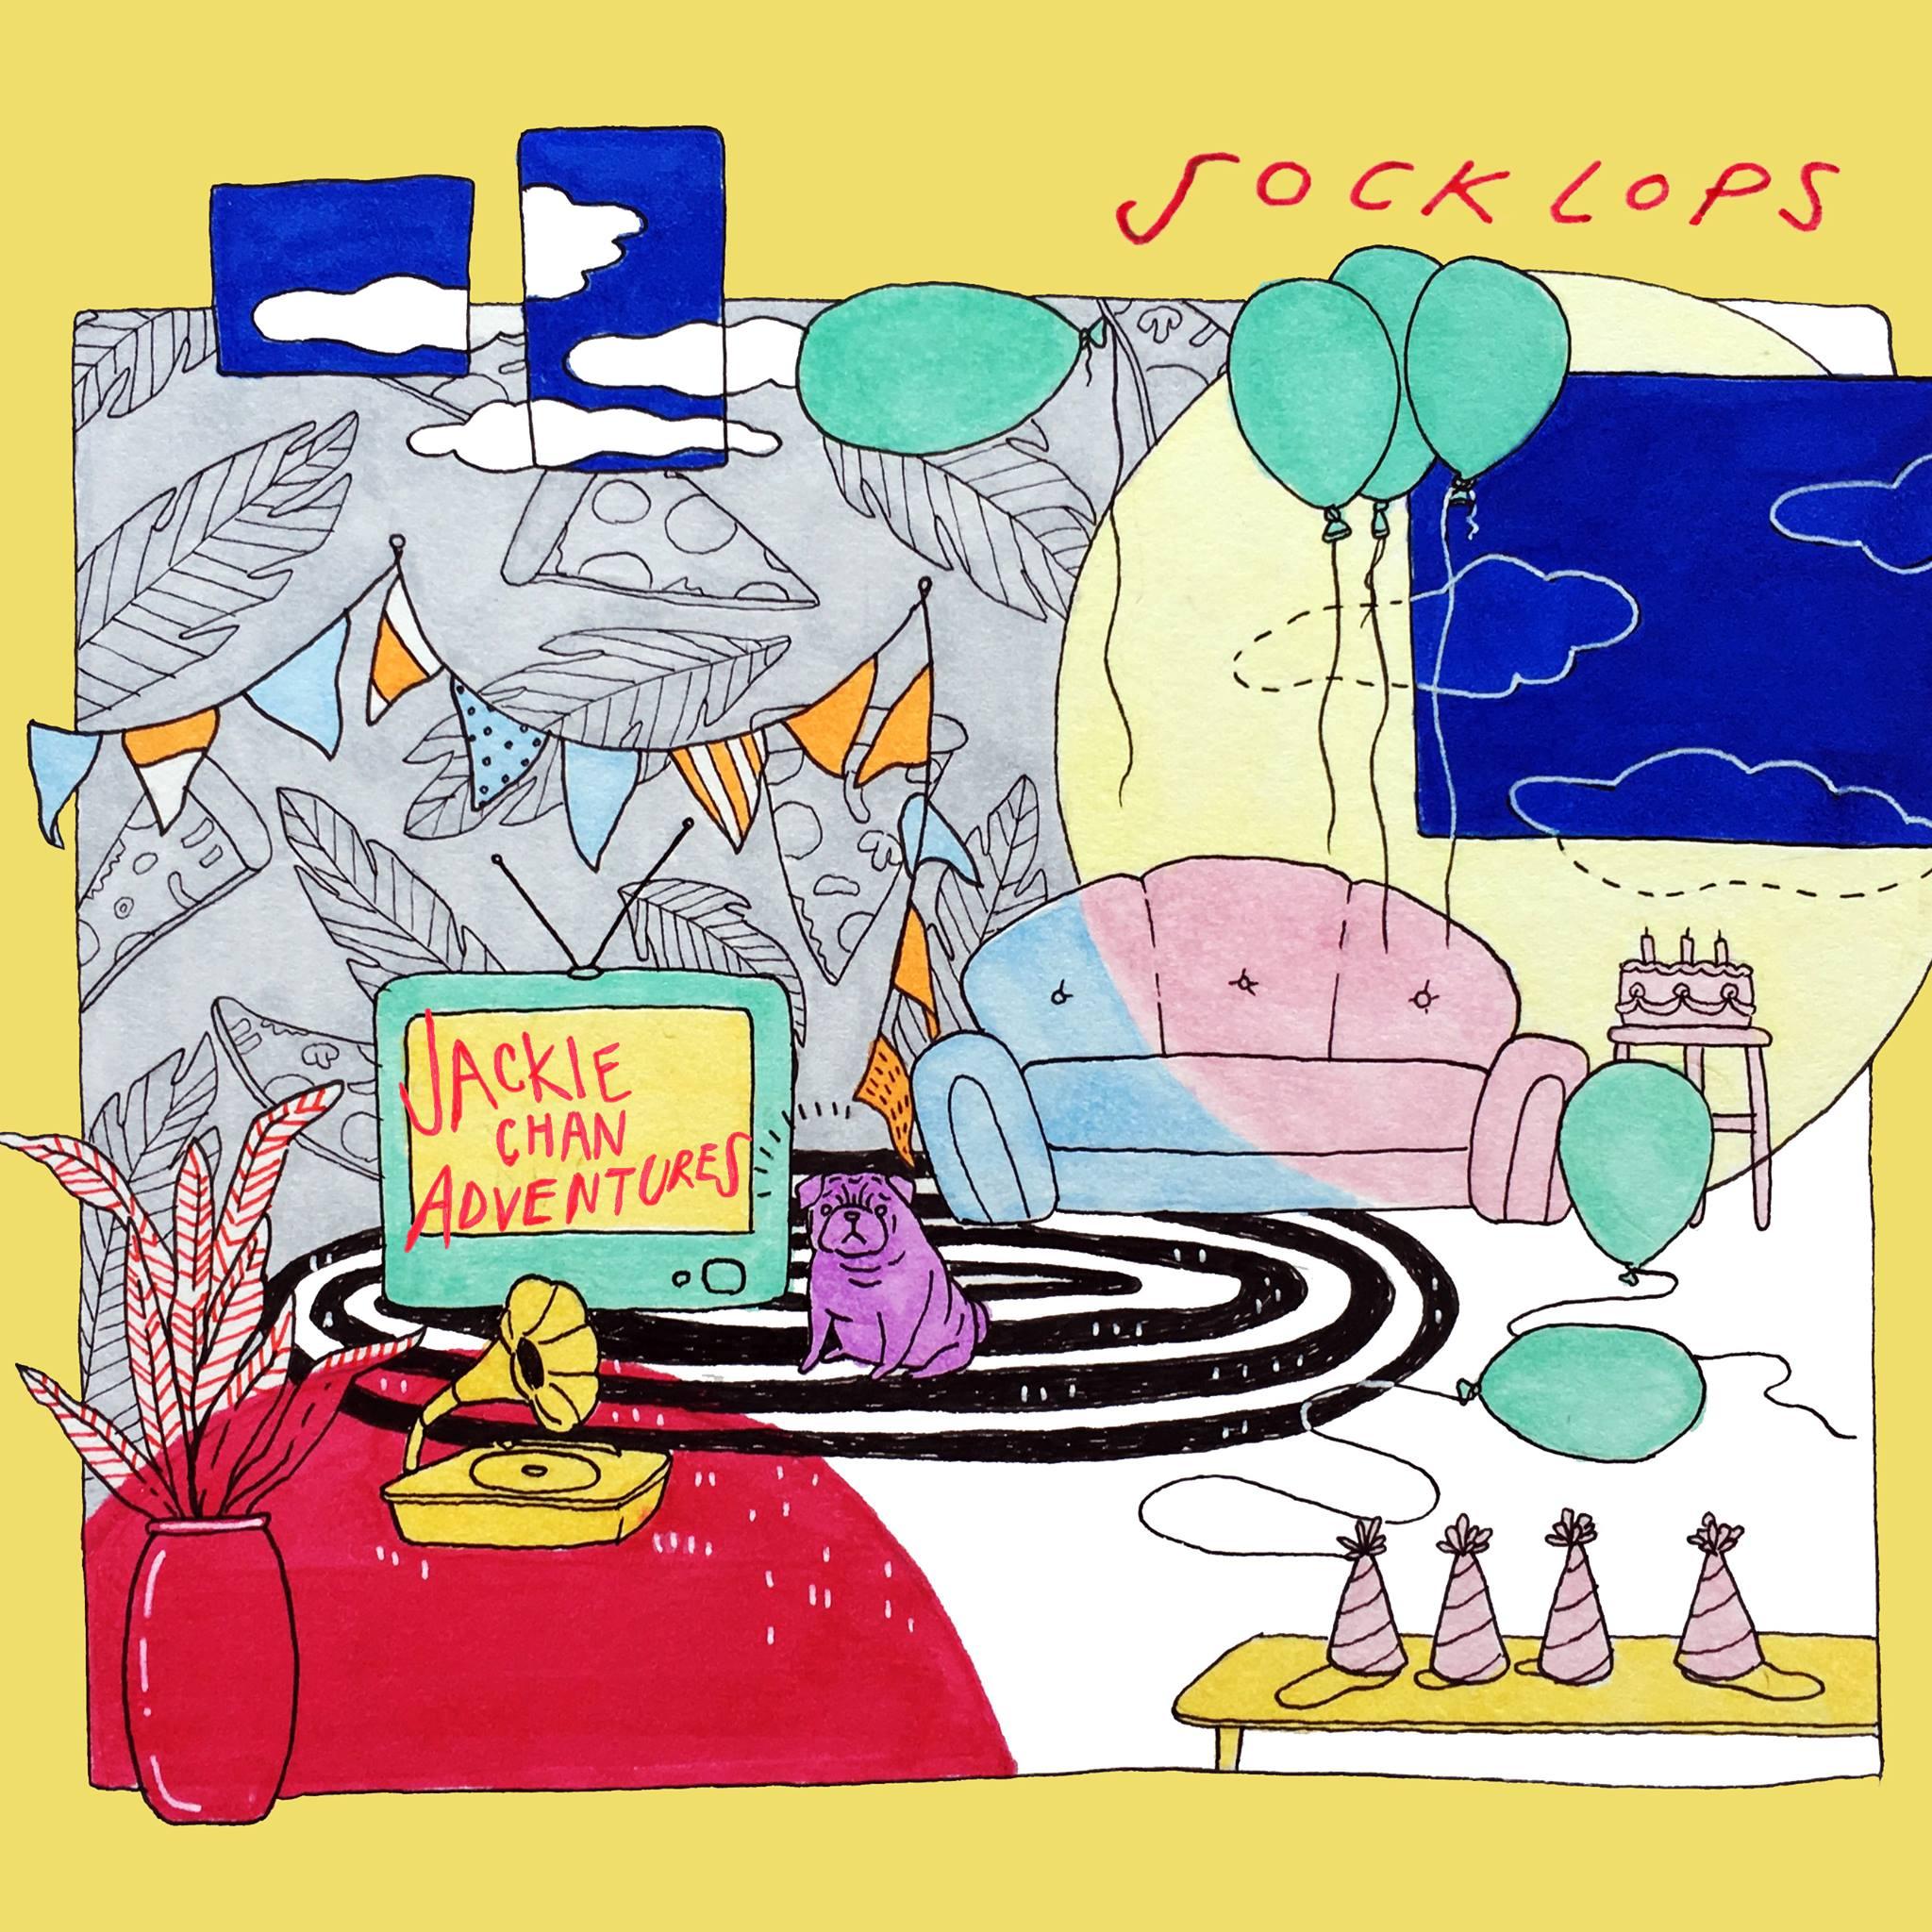 Sock Lops - Jackie Chan Adventures